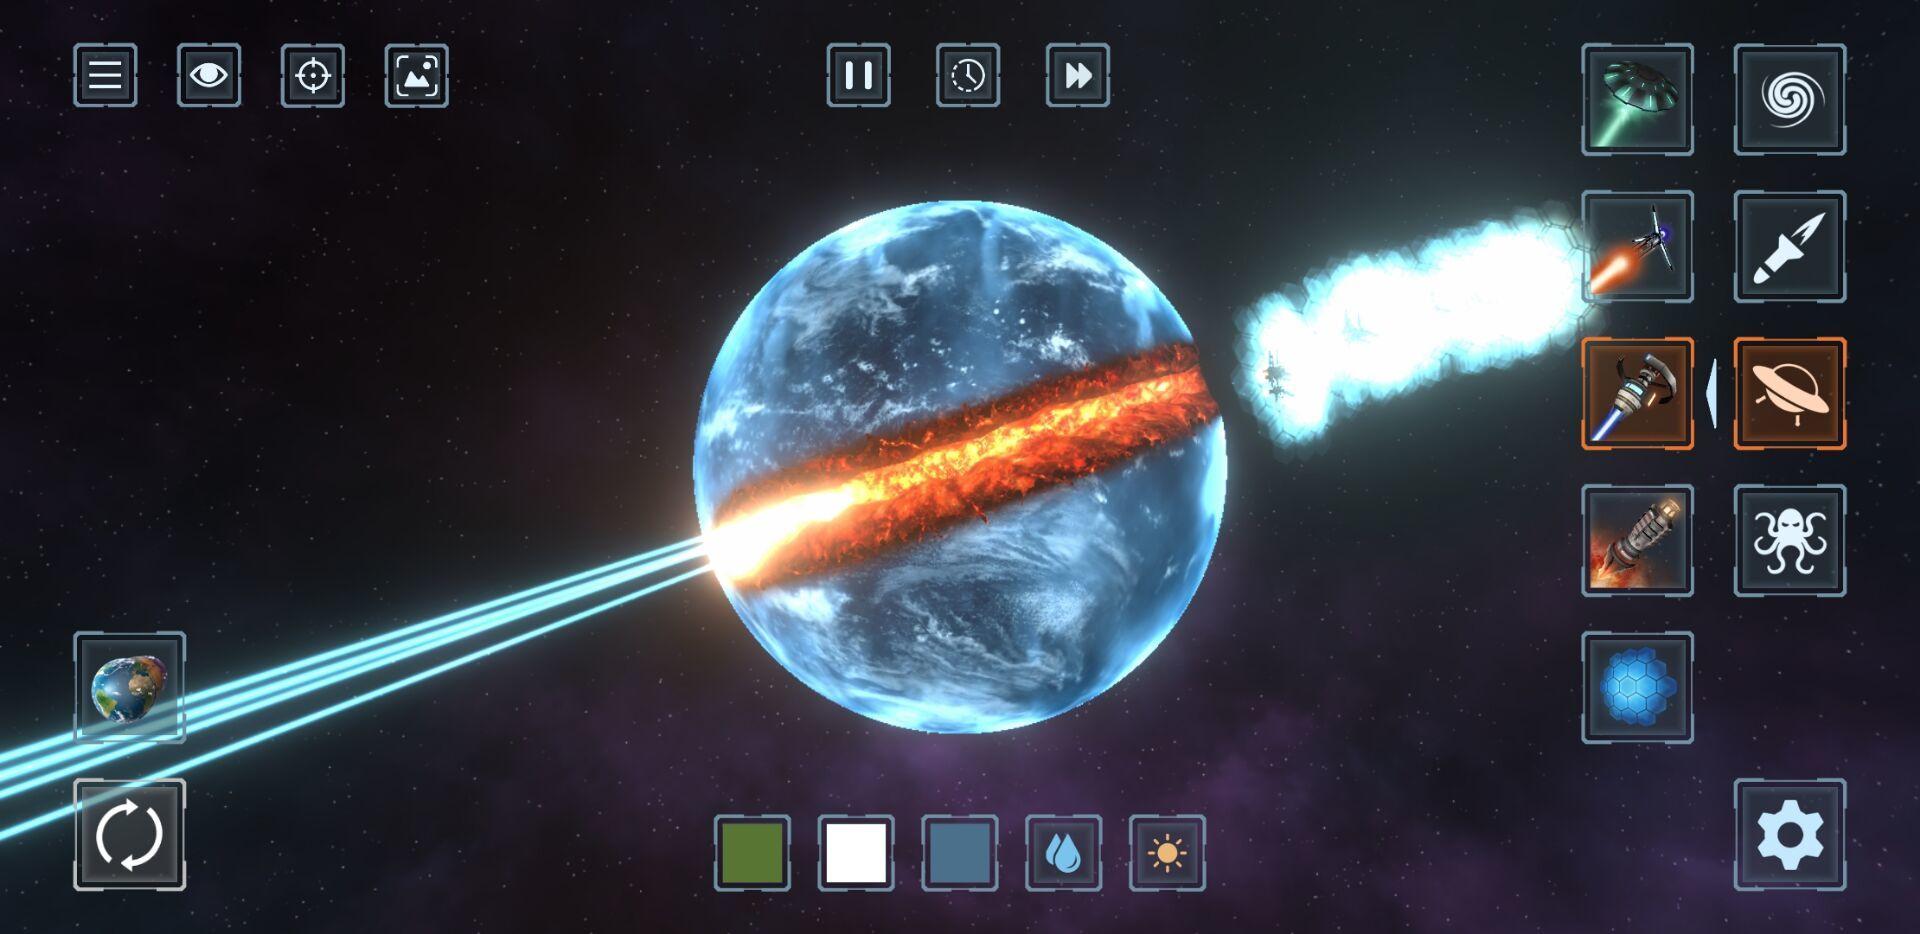 星球毁灭模拟器-星球毁灭模拟器游戏-星球毁灭模拟器安卓/苹果/电脑版下载-飞翔游戏库